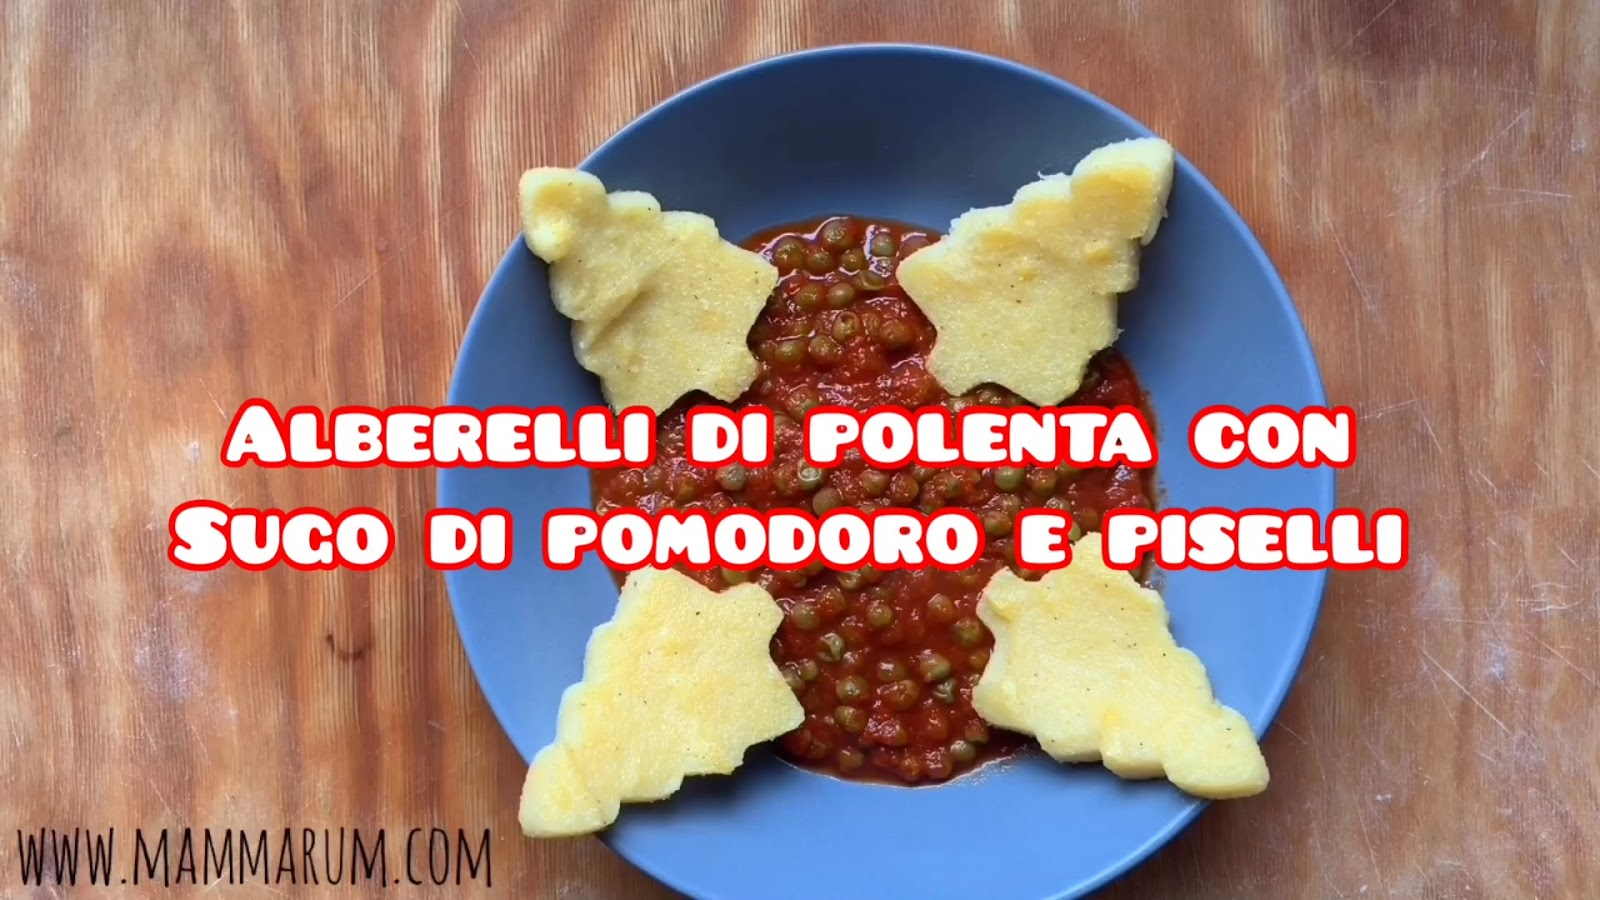 Giorno 16: Alberelli di polenta e sugo di piselli e pomodoro